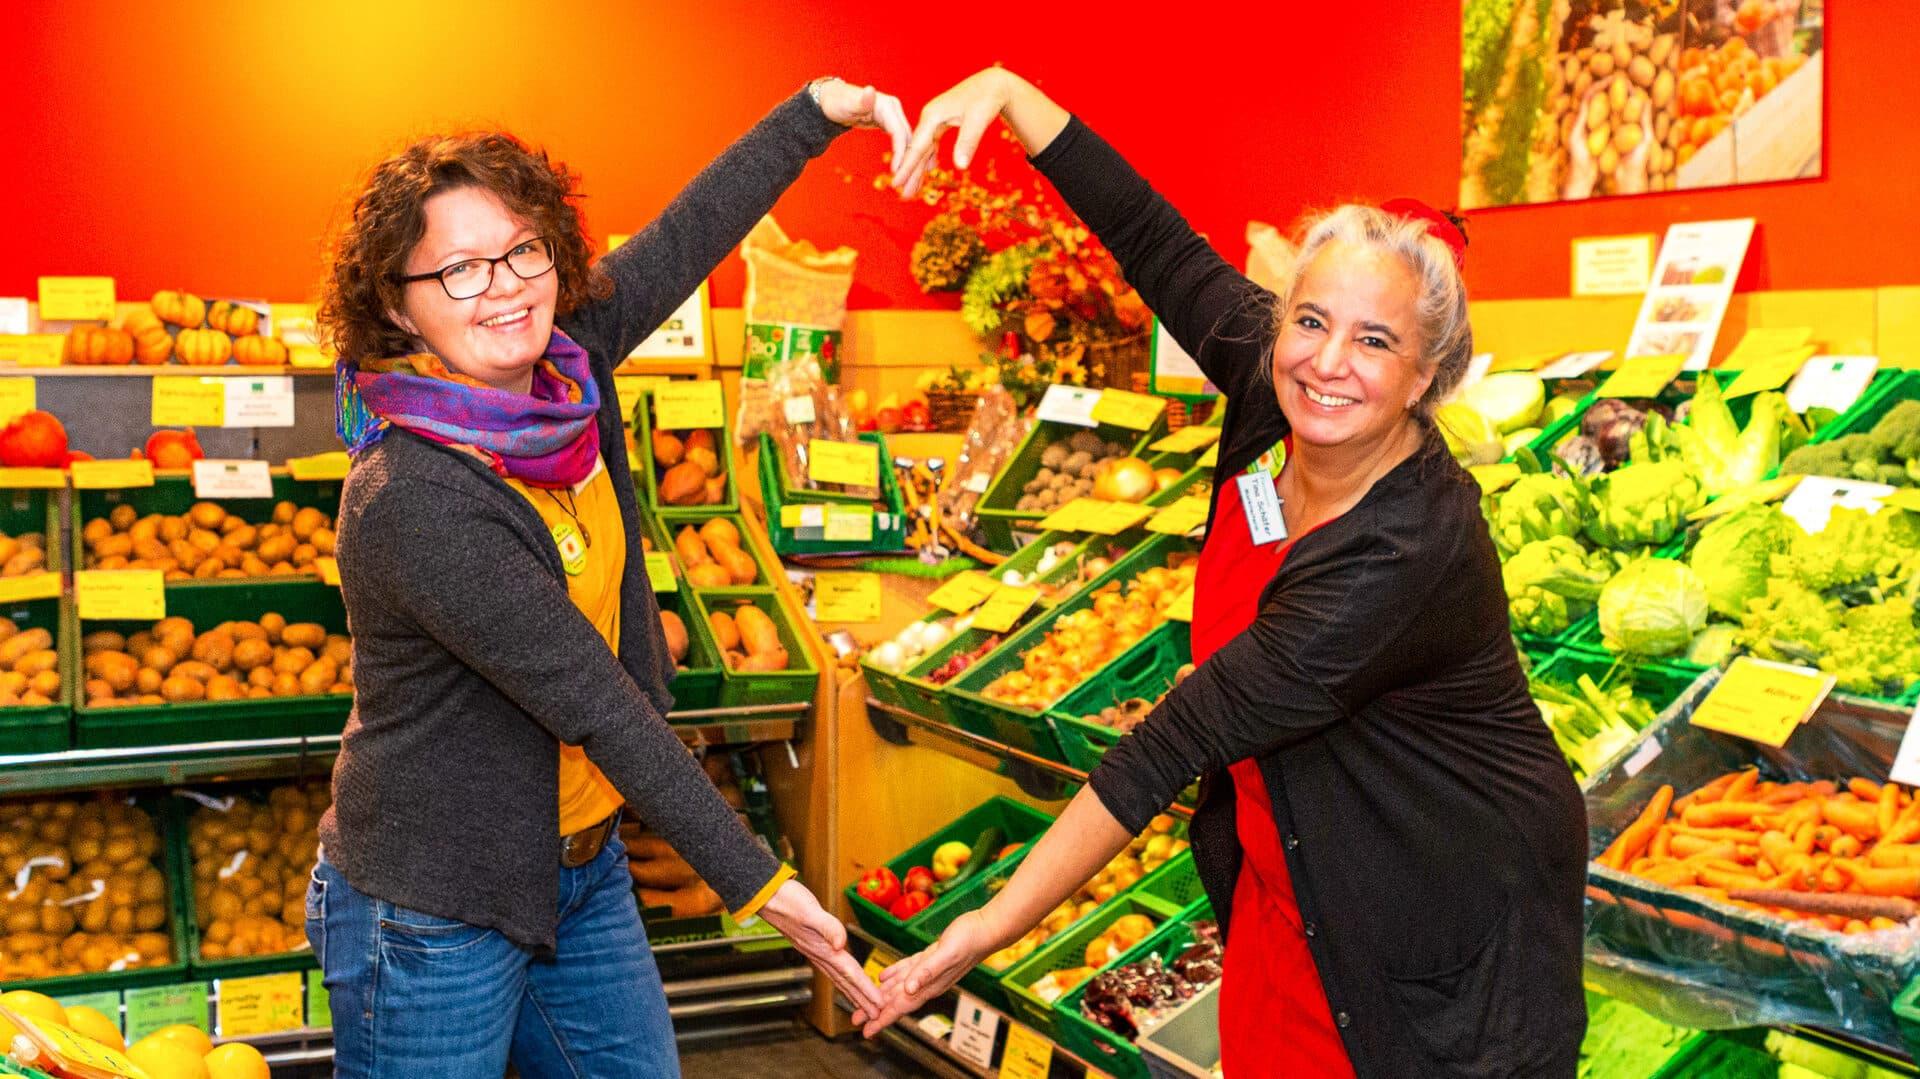 Sabine Vorwald (li.) und Tina Schäfer formen mit ihren Armen ein Herz in der Luft.